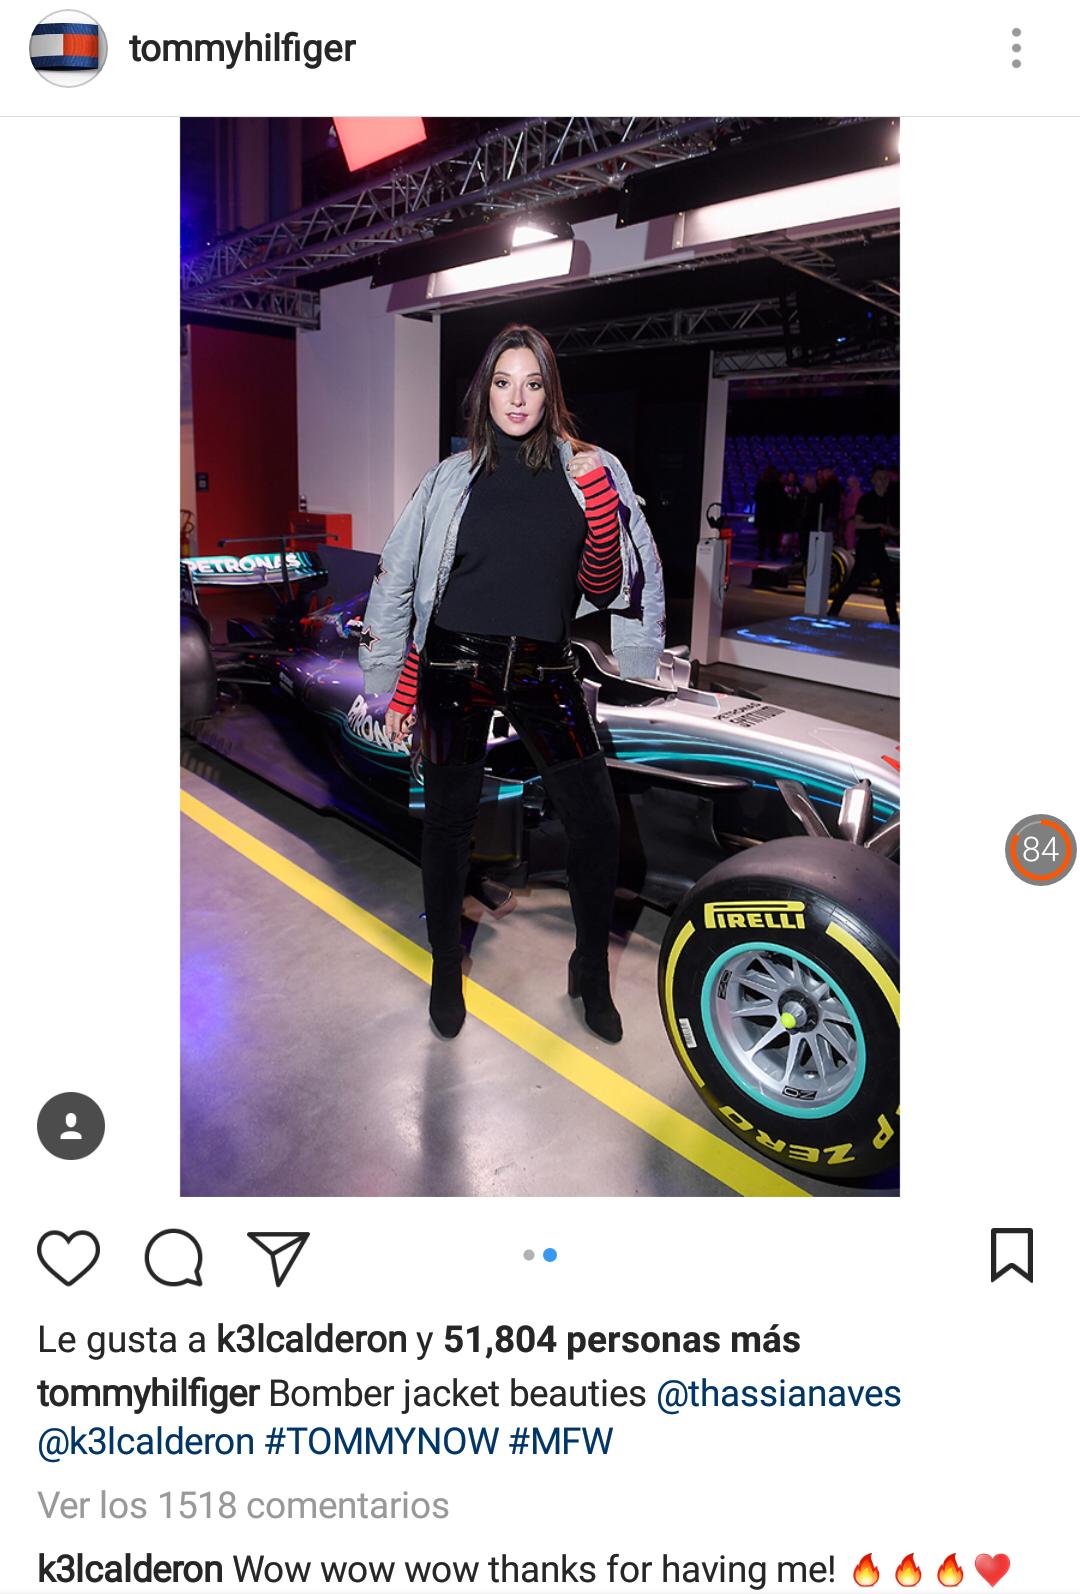 tommyhilfiger | Instagram